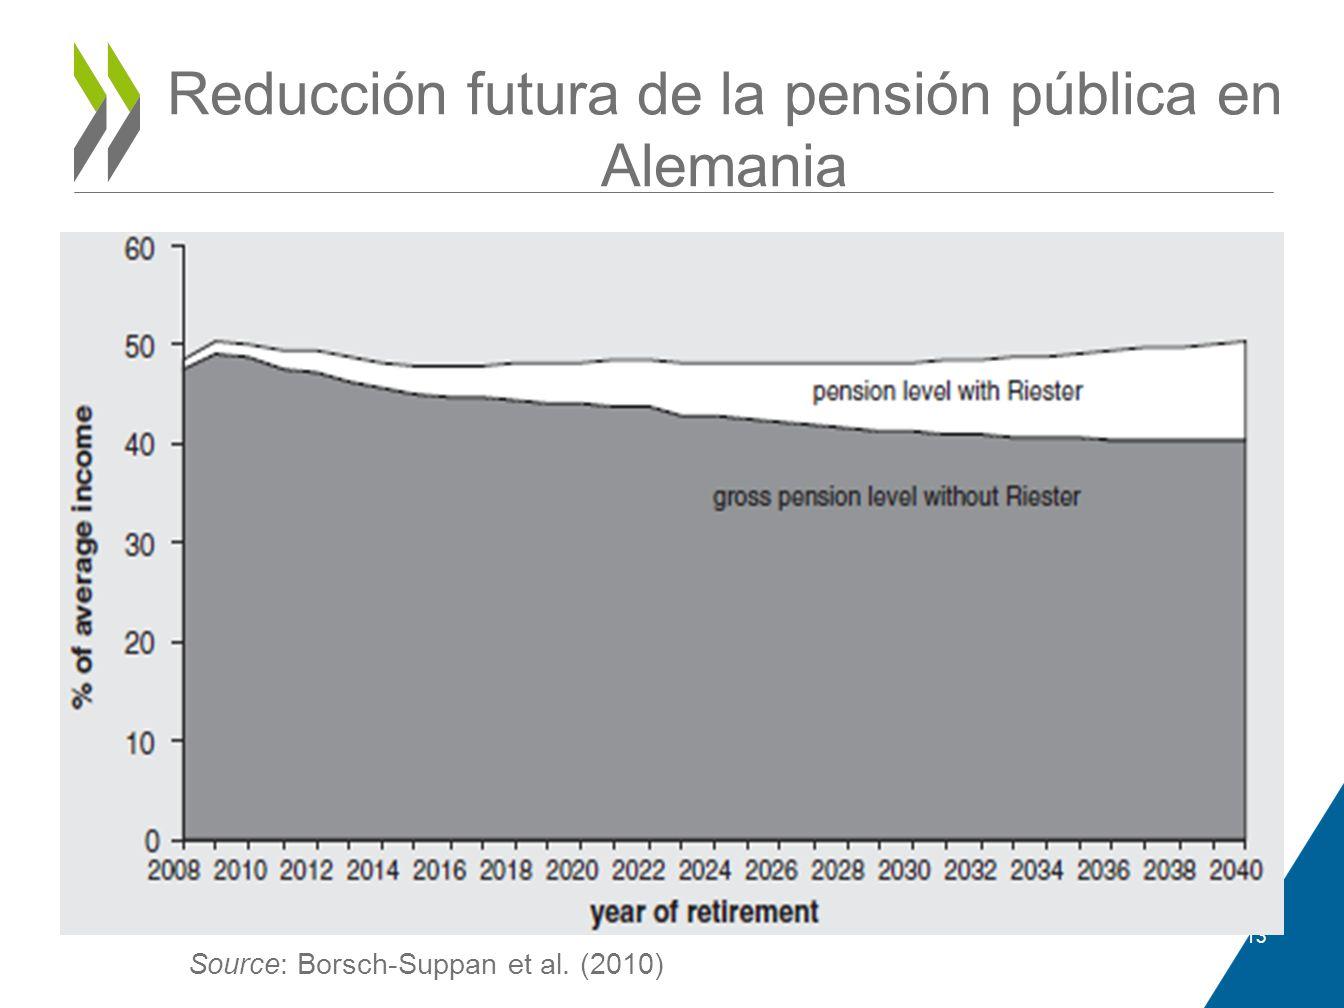 Reducción futura de la pensión pública en Alemania